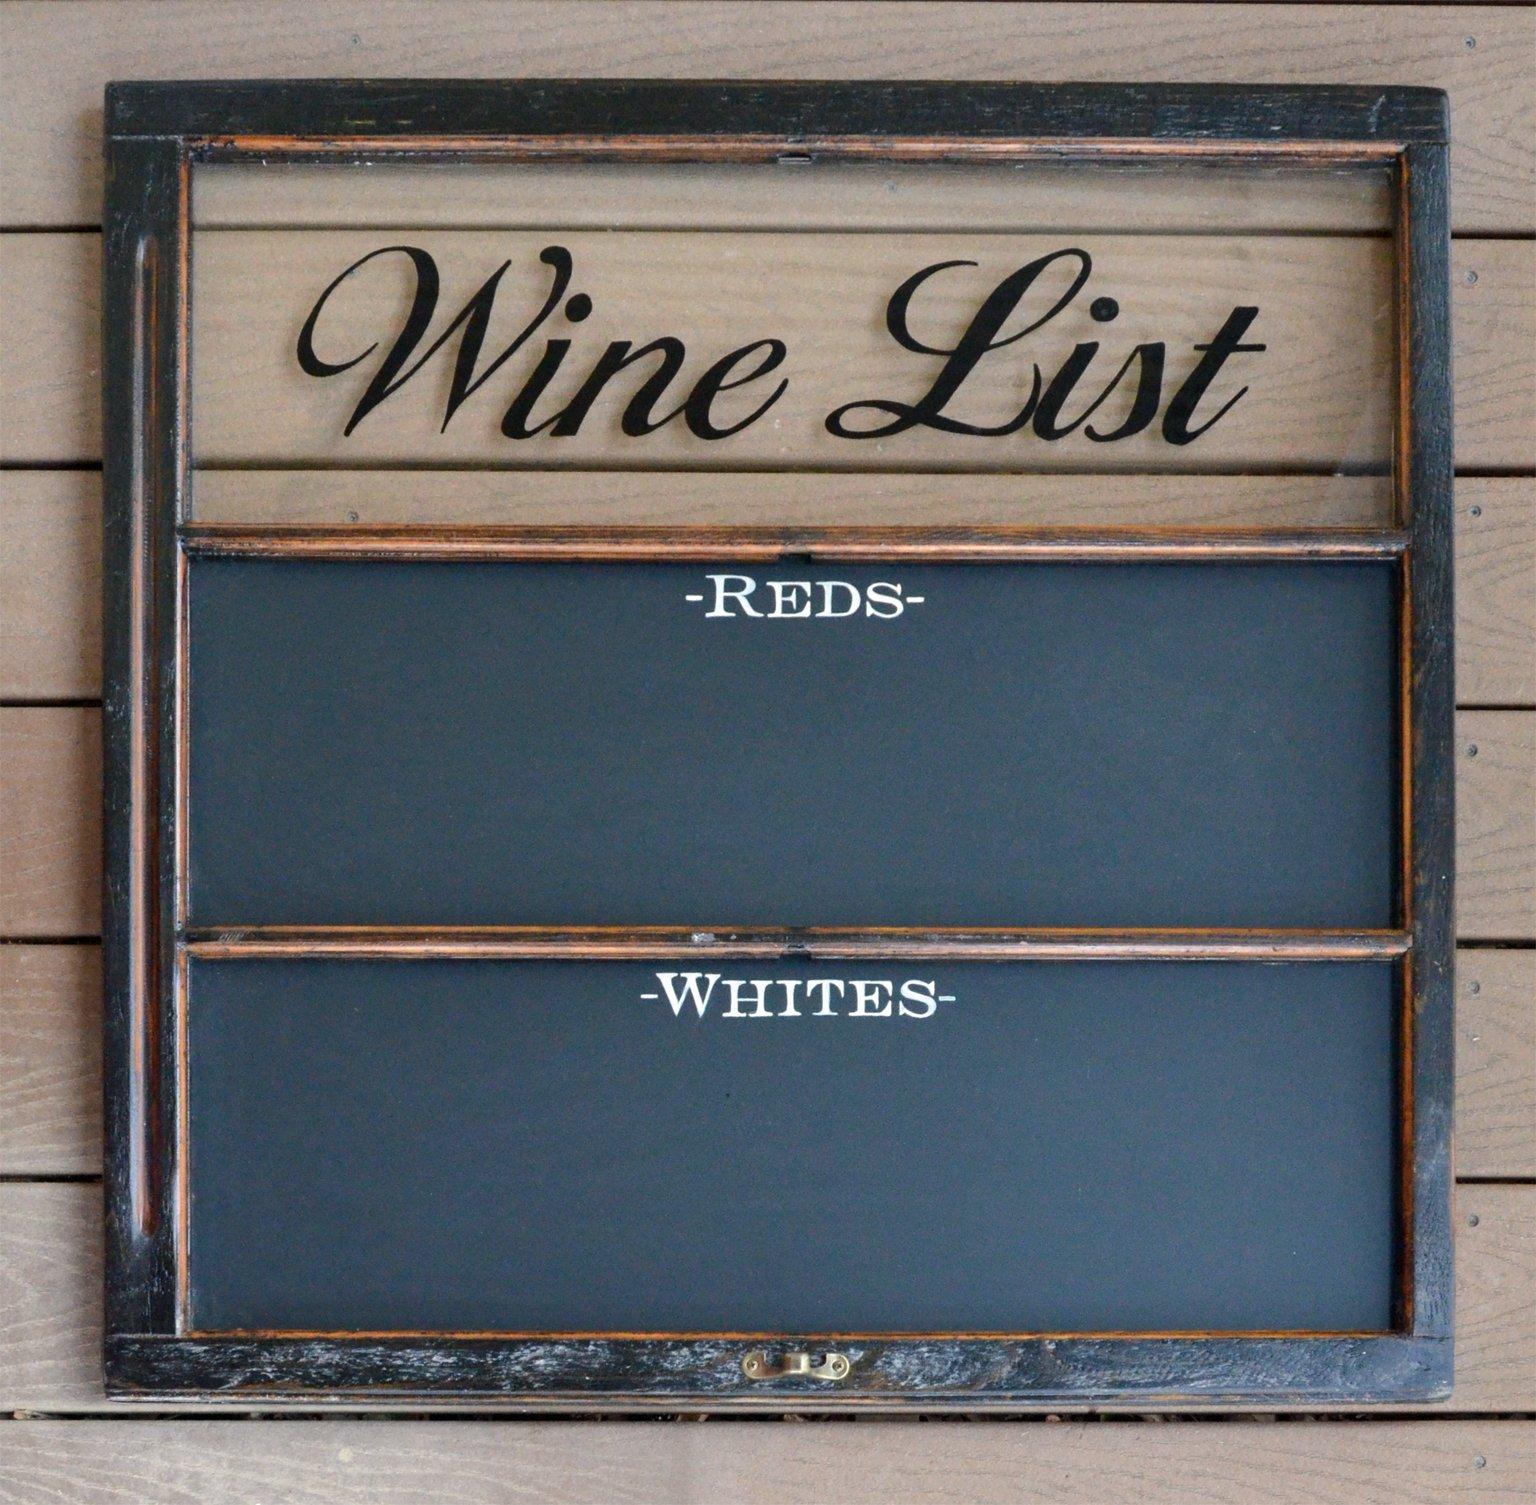 Wine list chalkboard window art with magetic chalkboard for Wine chalkboard art